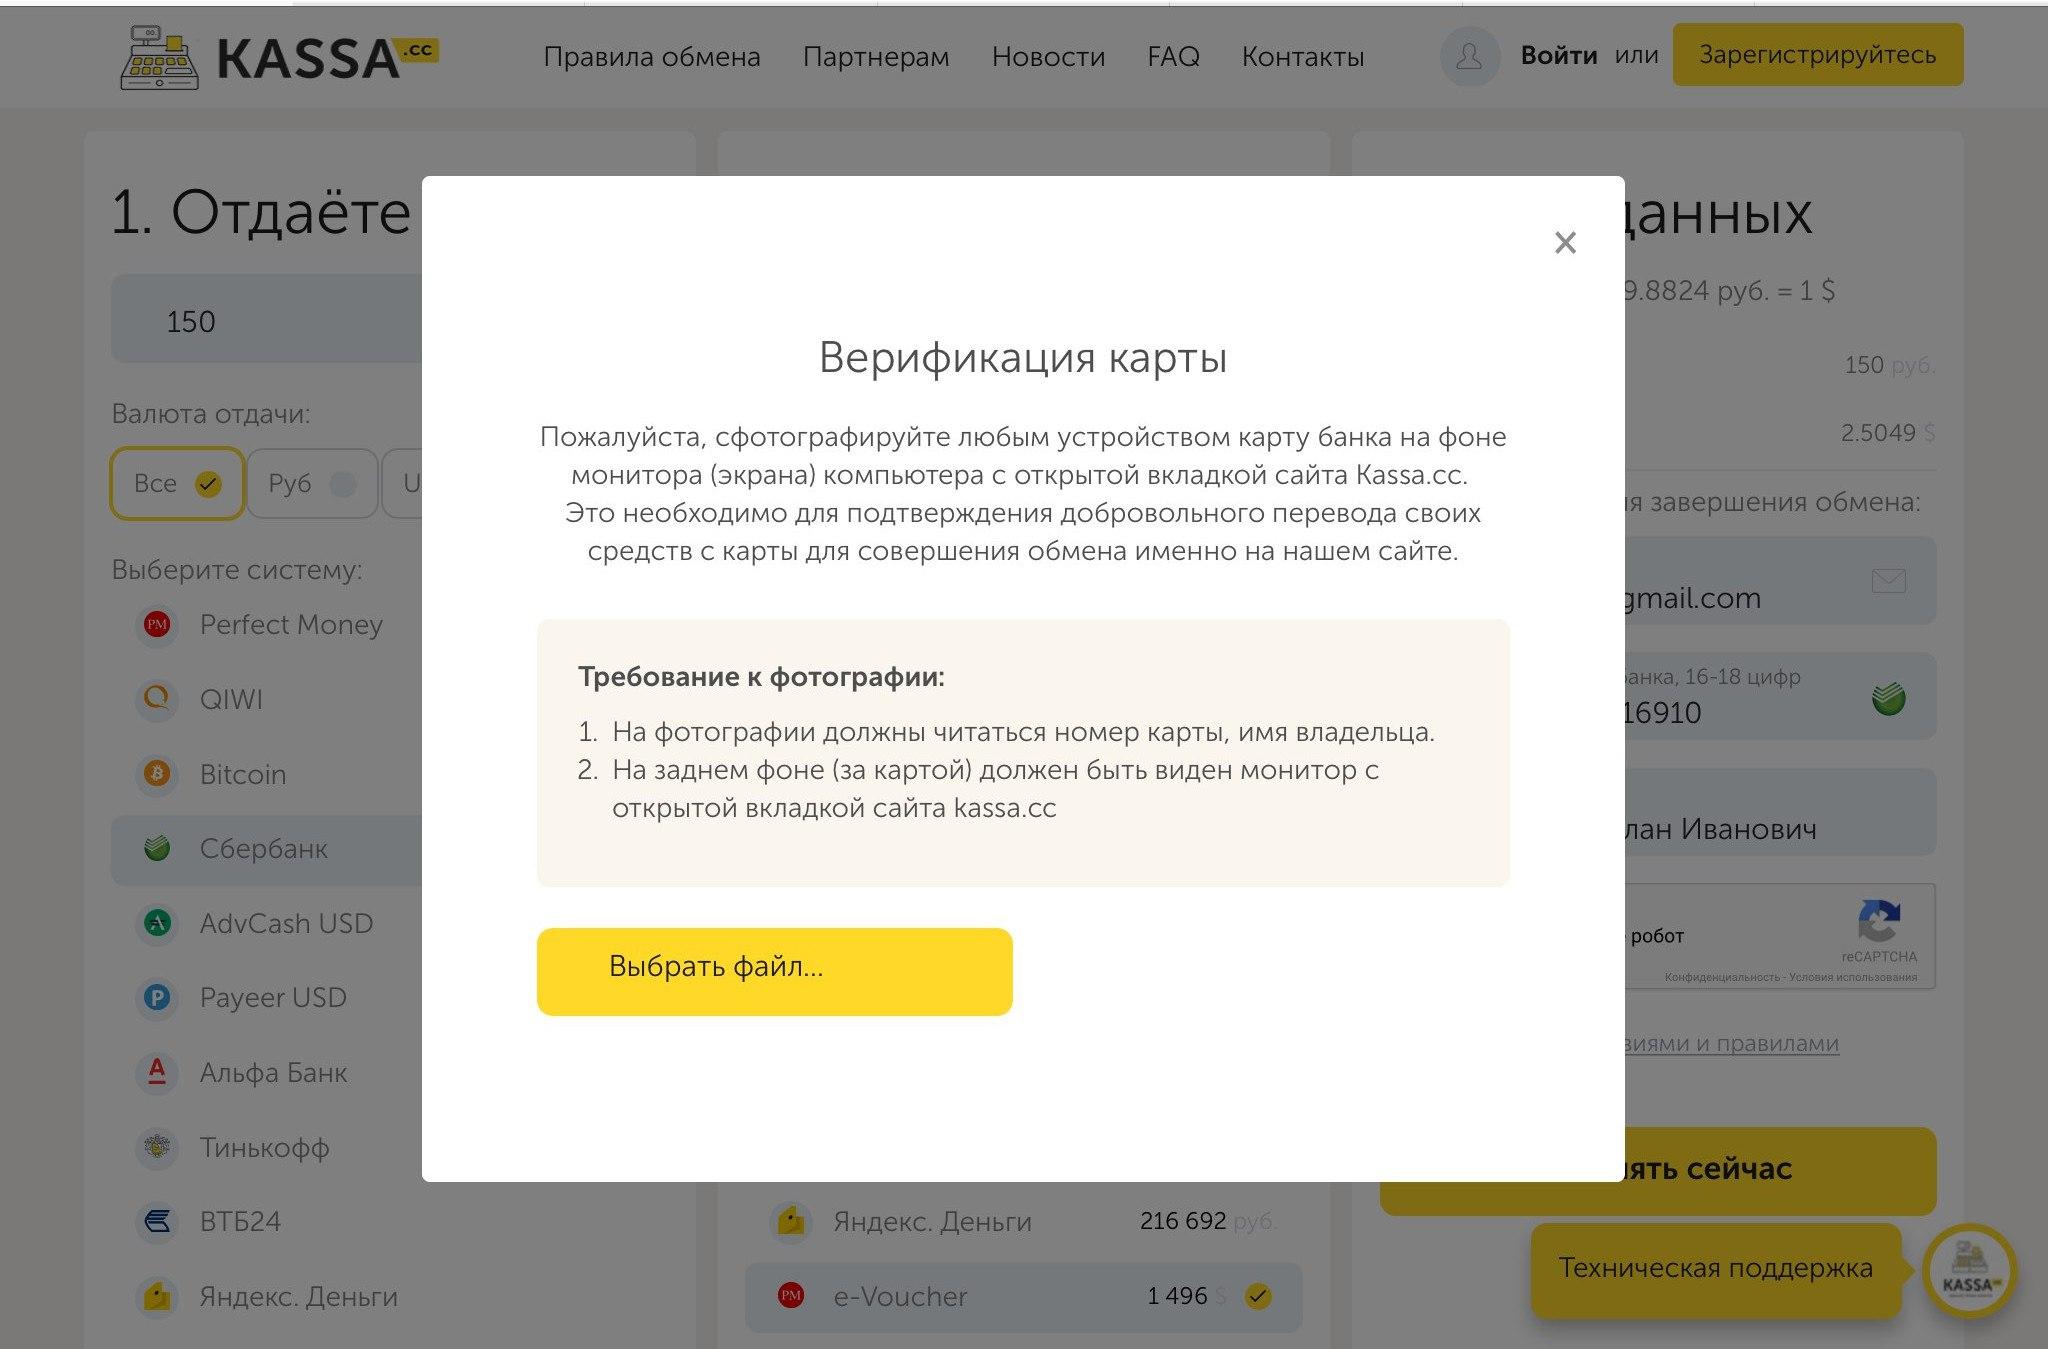 Kassa.cc - единый обмен валюты. Перевод с карты Сбербанка на PM e-Voucher USD